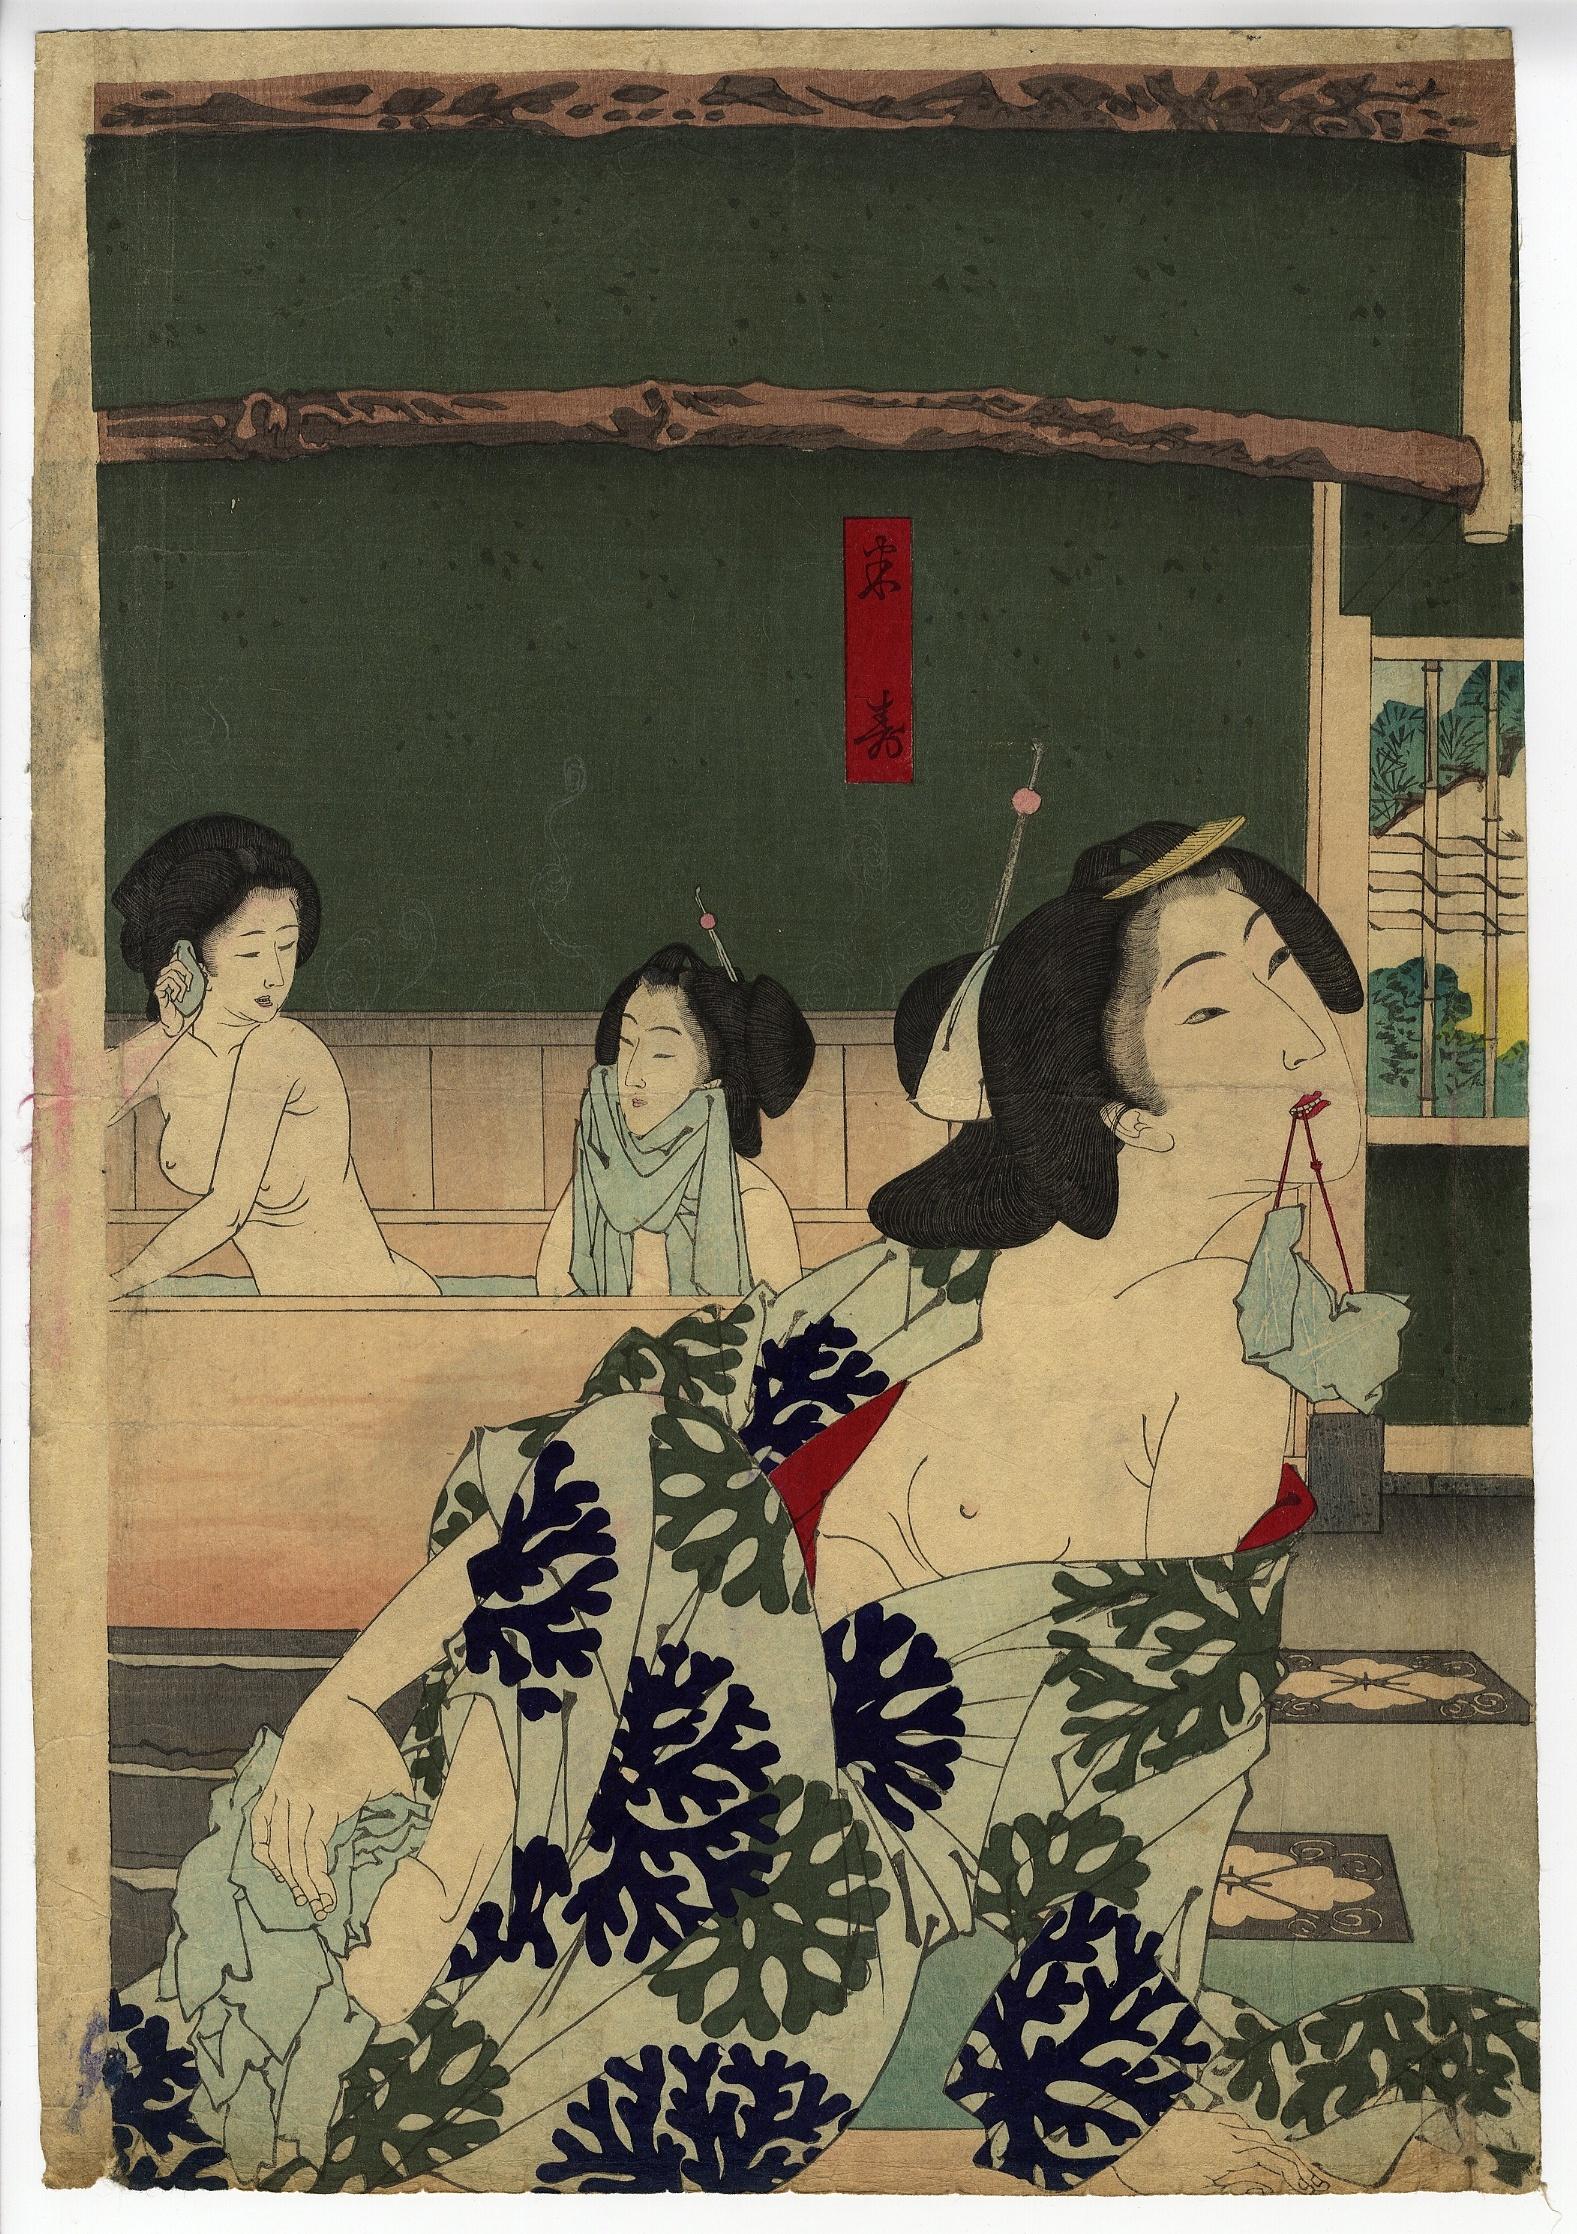 浮世絵春画投稿画像258枚